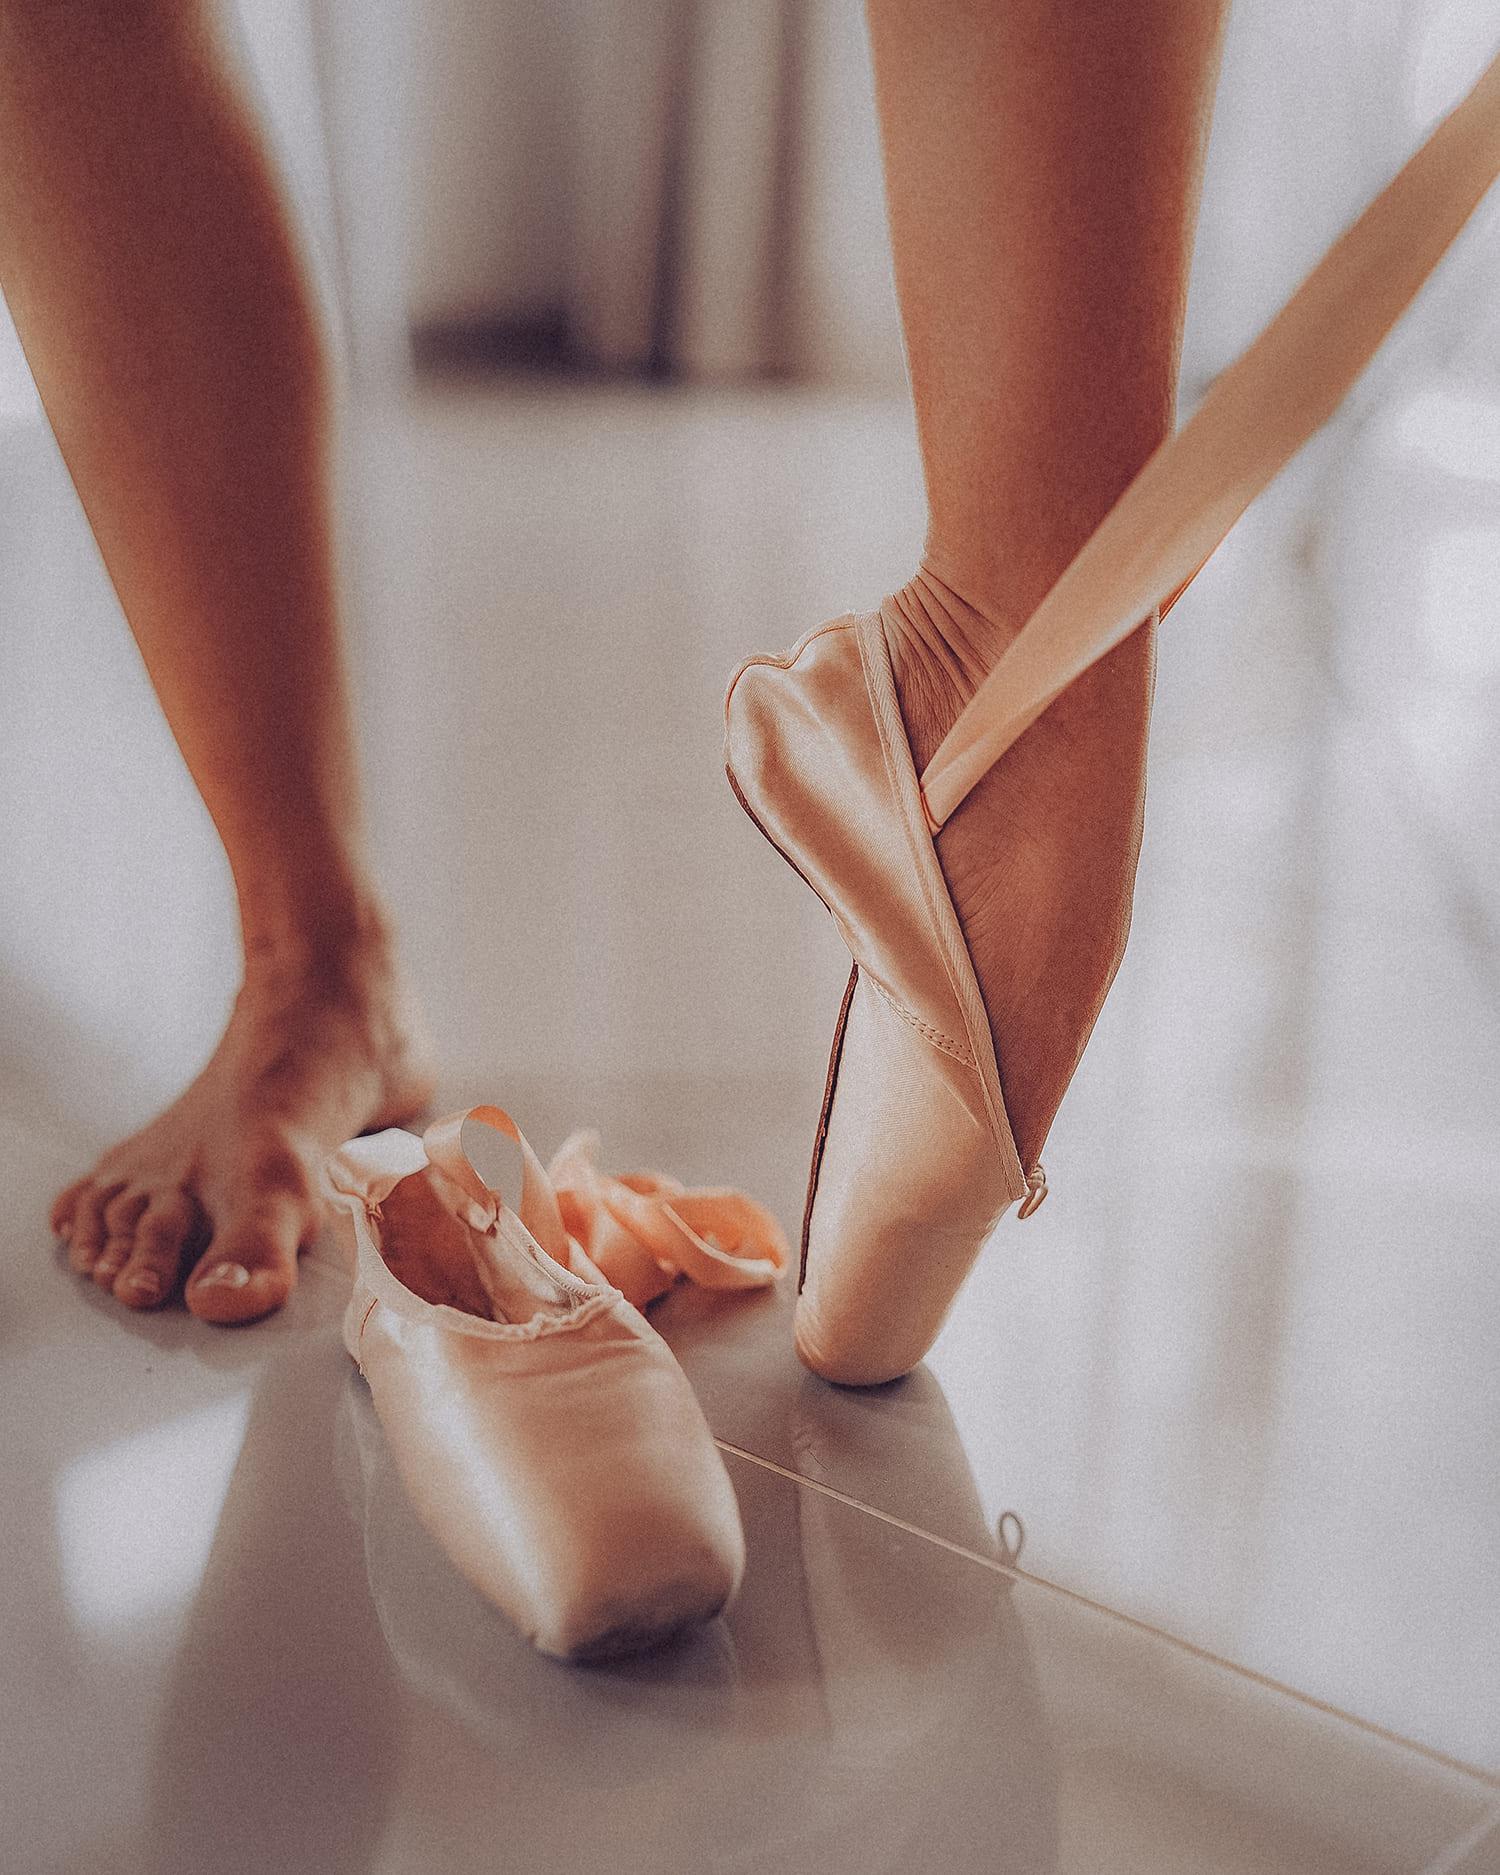 sticker-strike-julia-legs-8